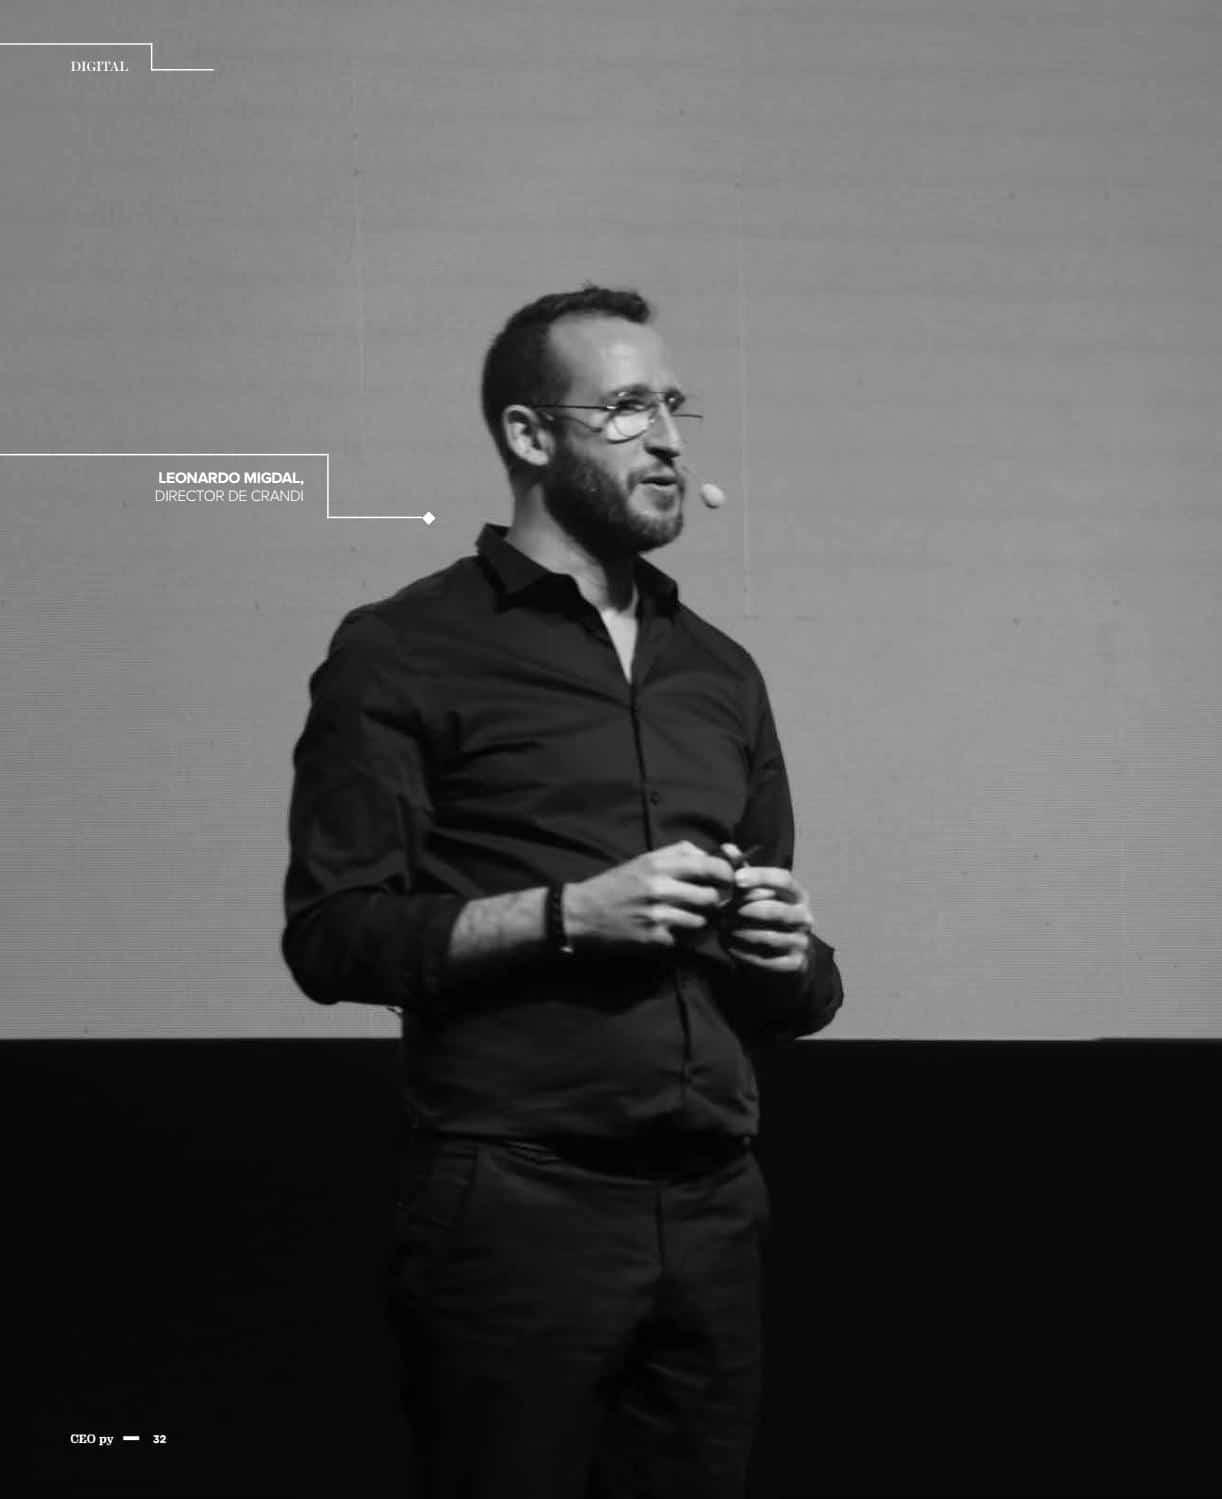 Leo Migdal habló con revista Ceo Py acerca de los nuevos caminos en la era digital